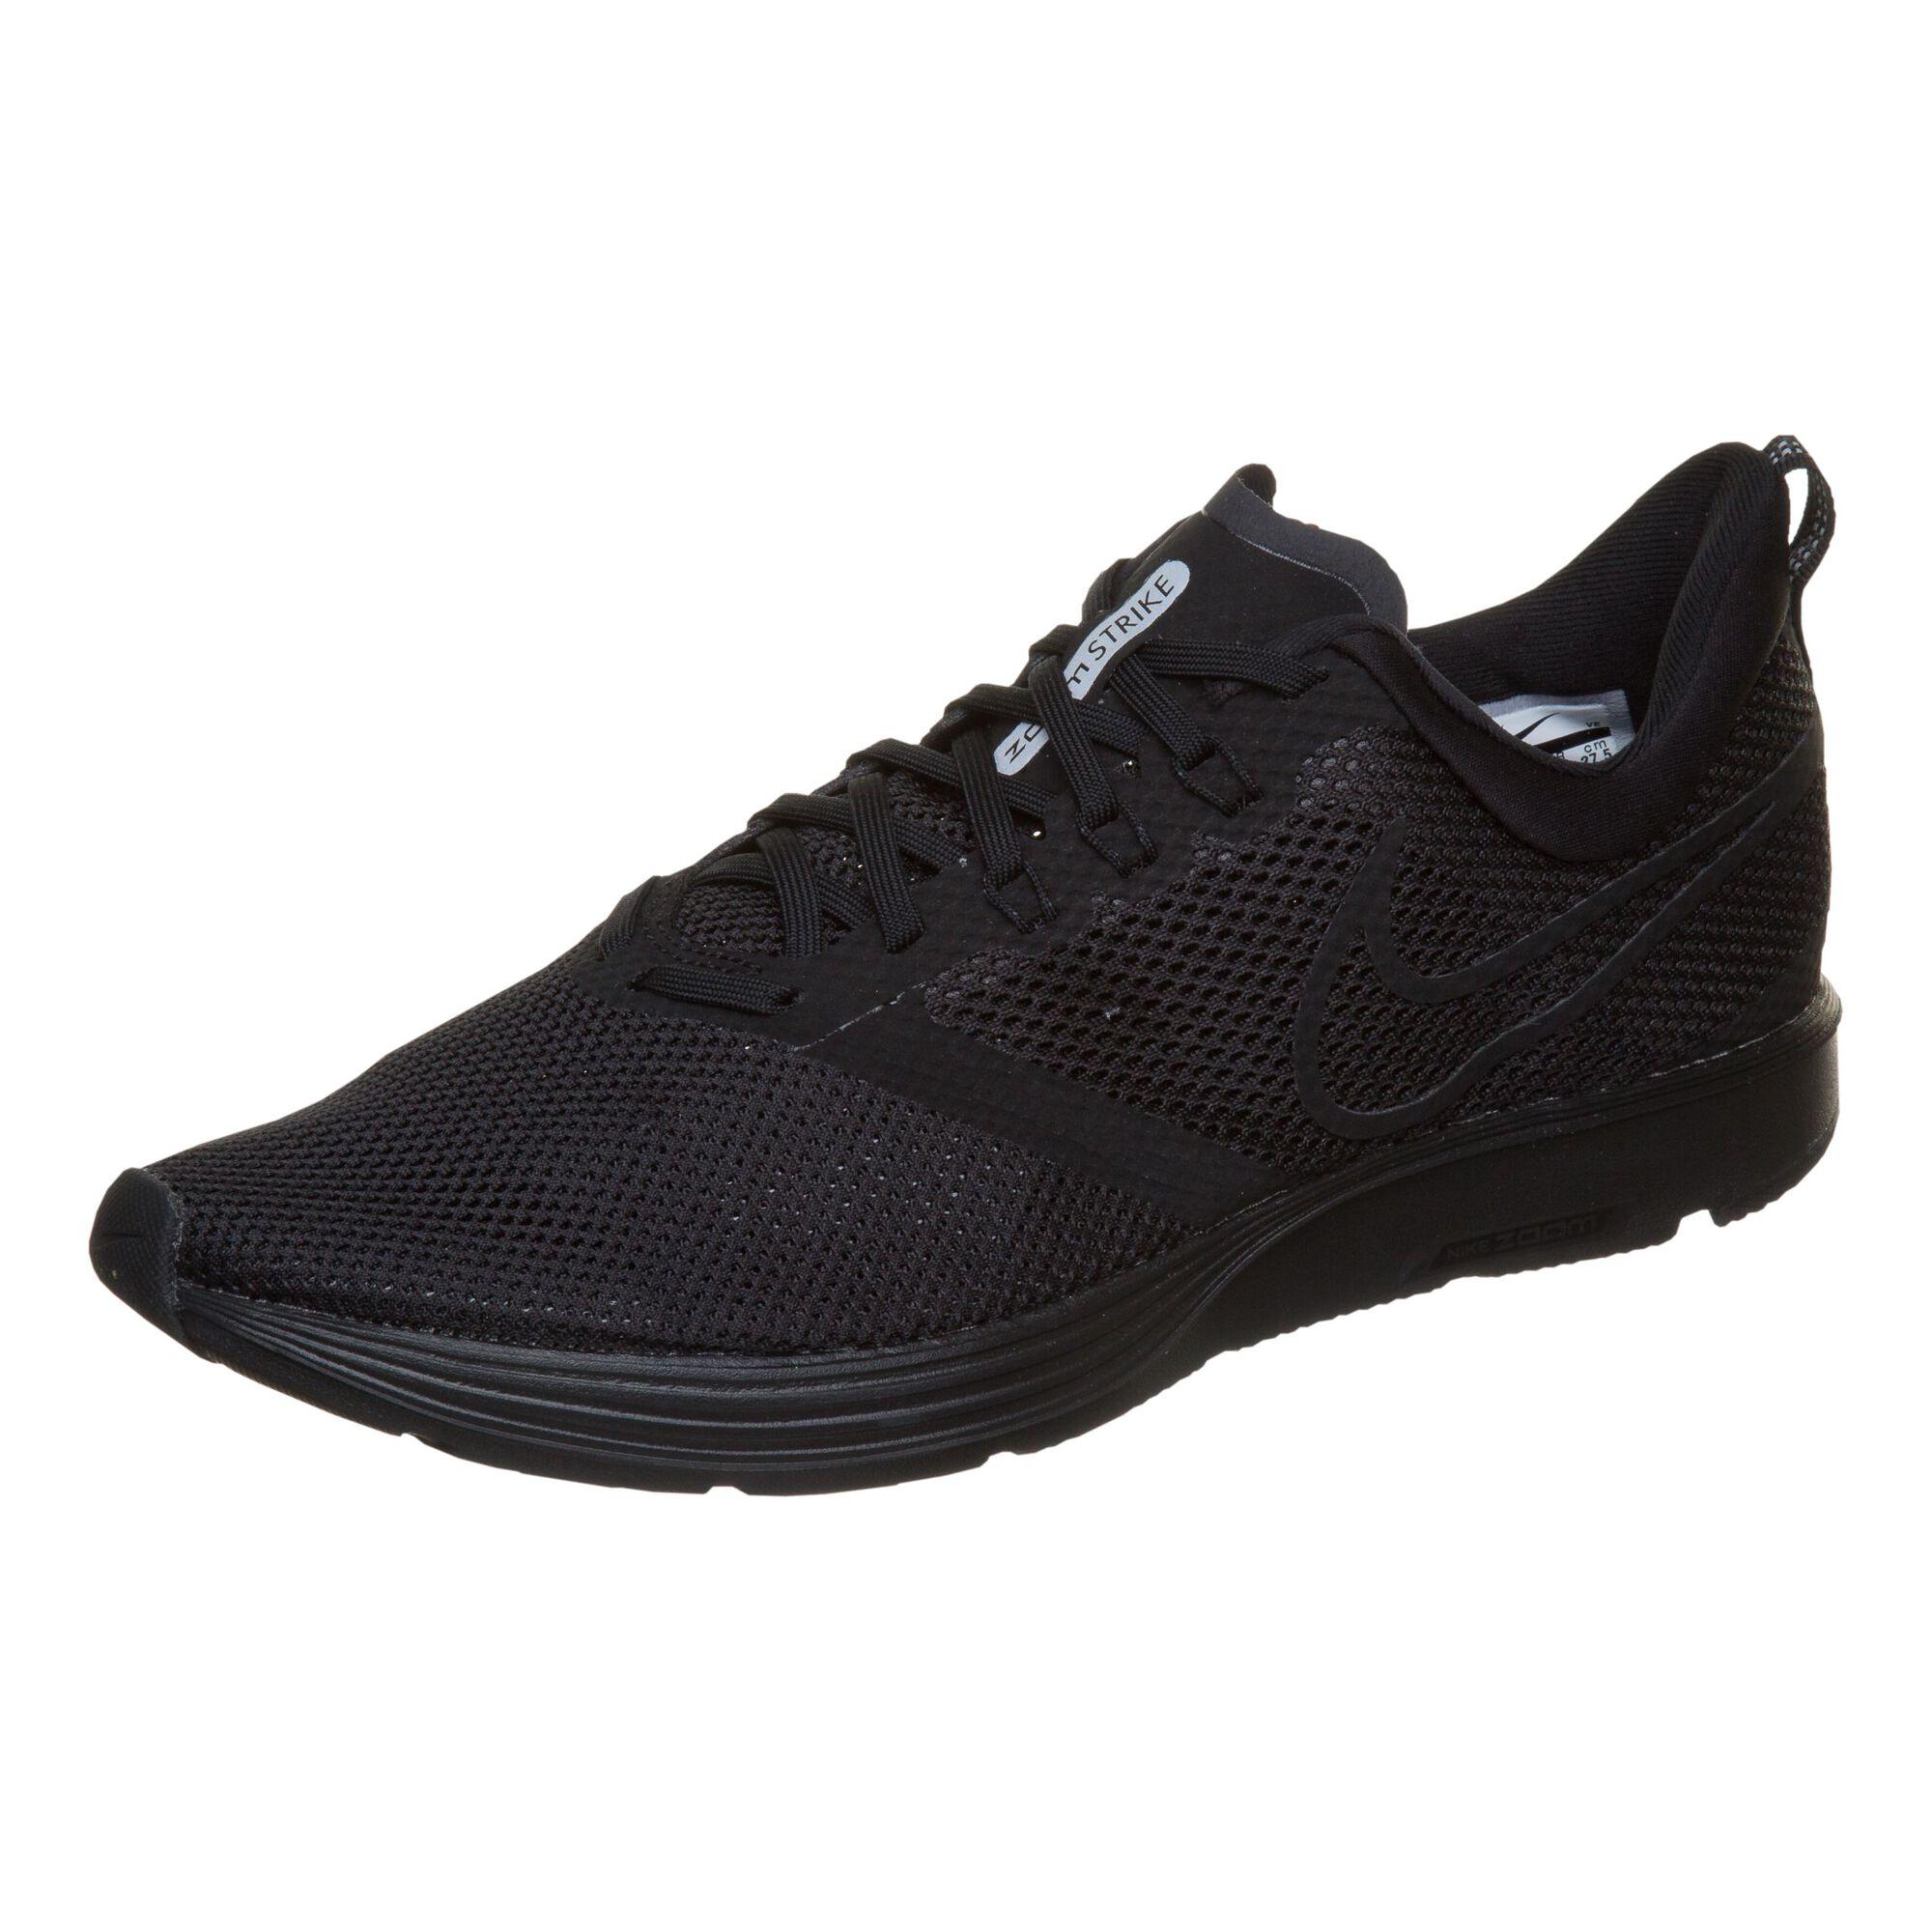 eeedd97f35fb buy Nike Zoom Strike Neutral Running Shoe Men - Black online ...